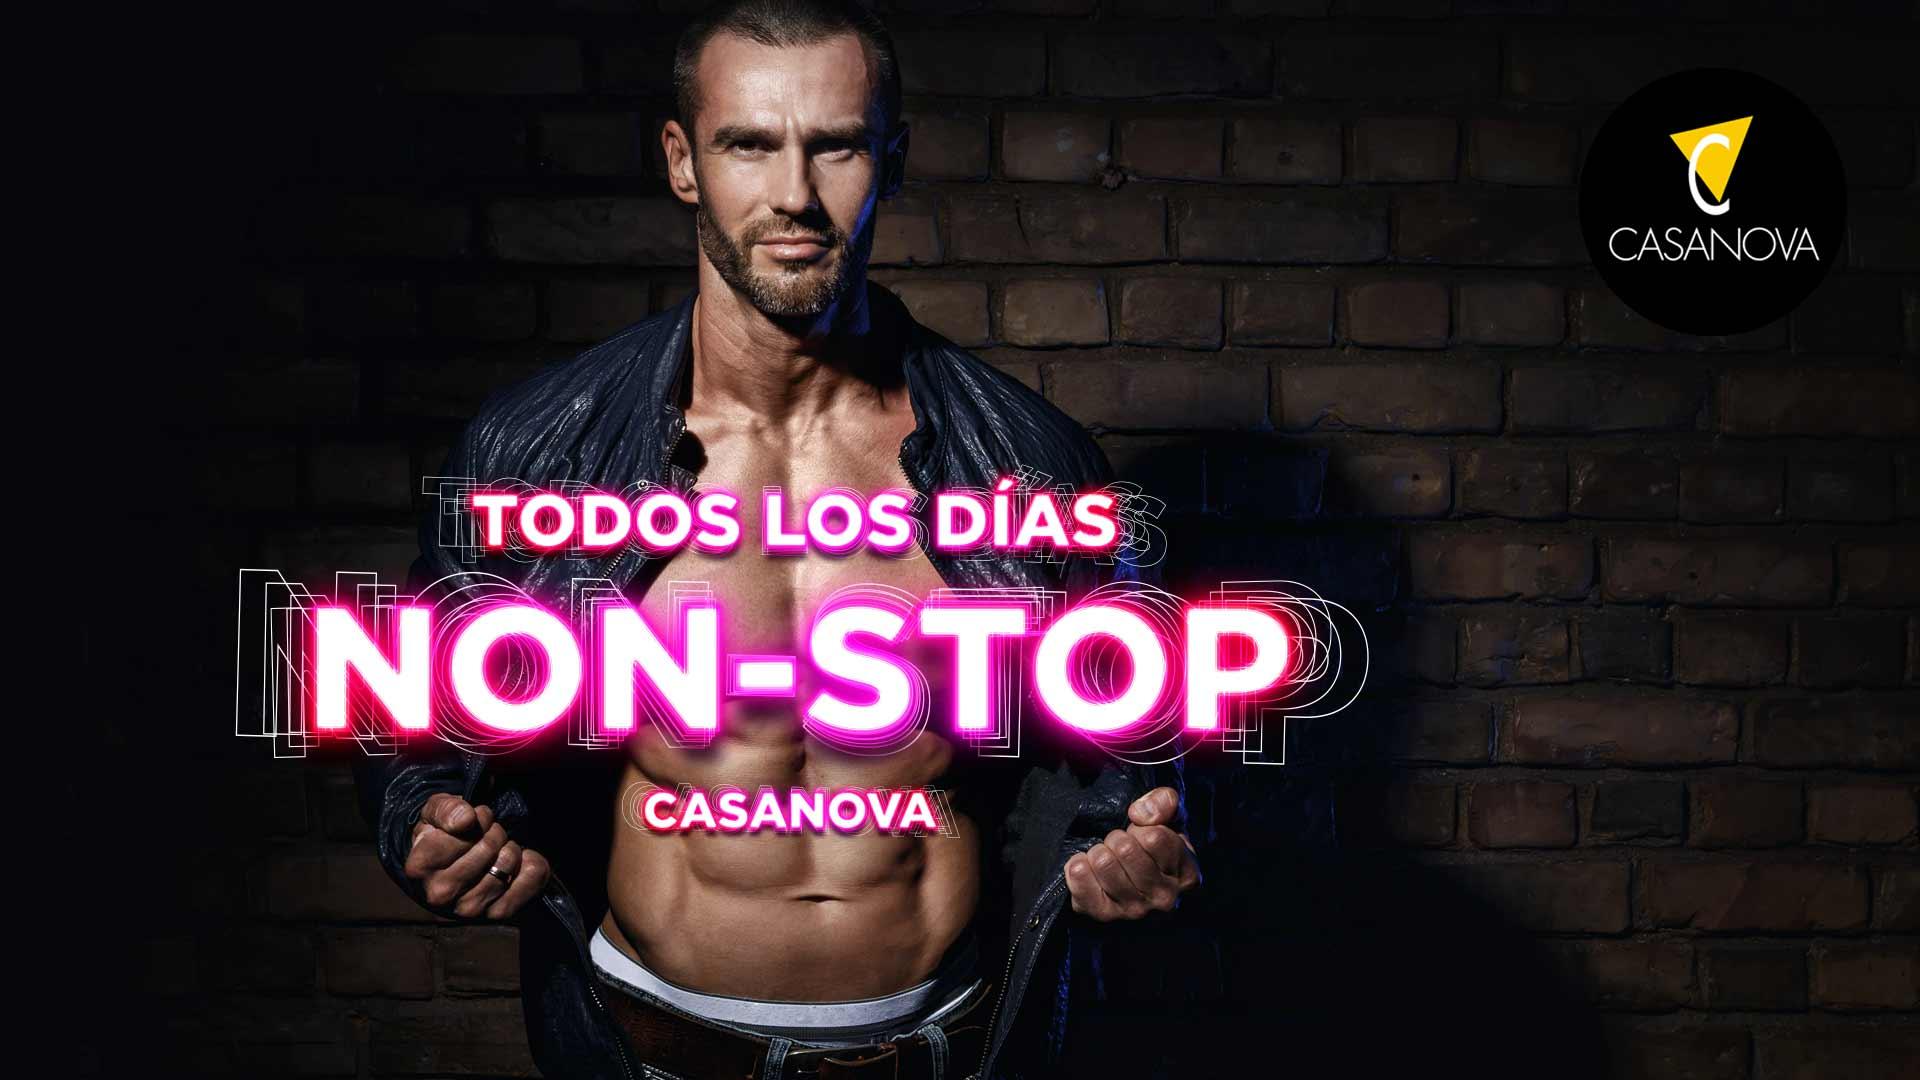 abierto 24 horas - sauna gay barcelona